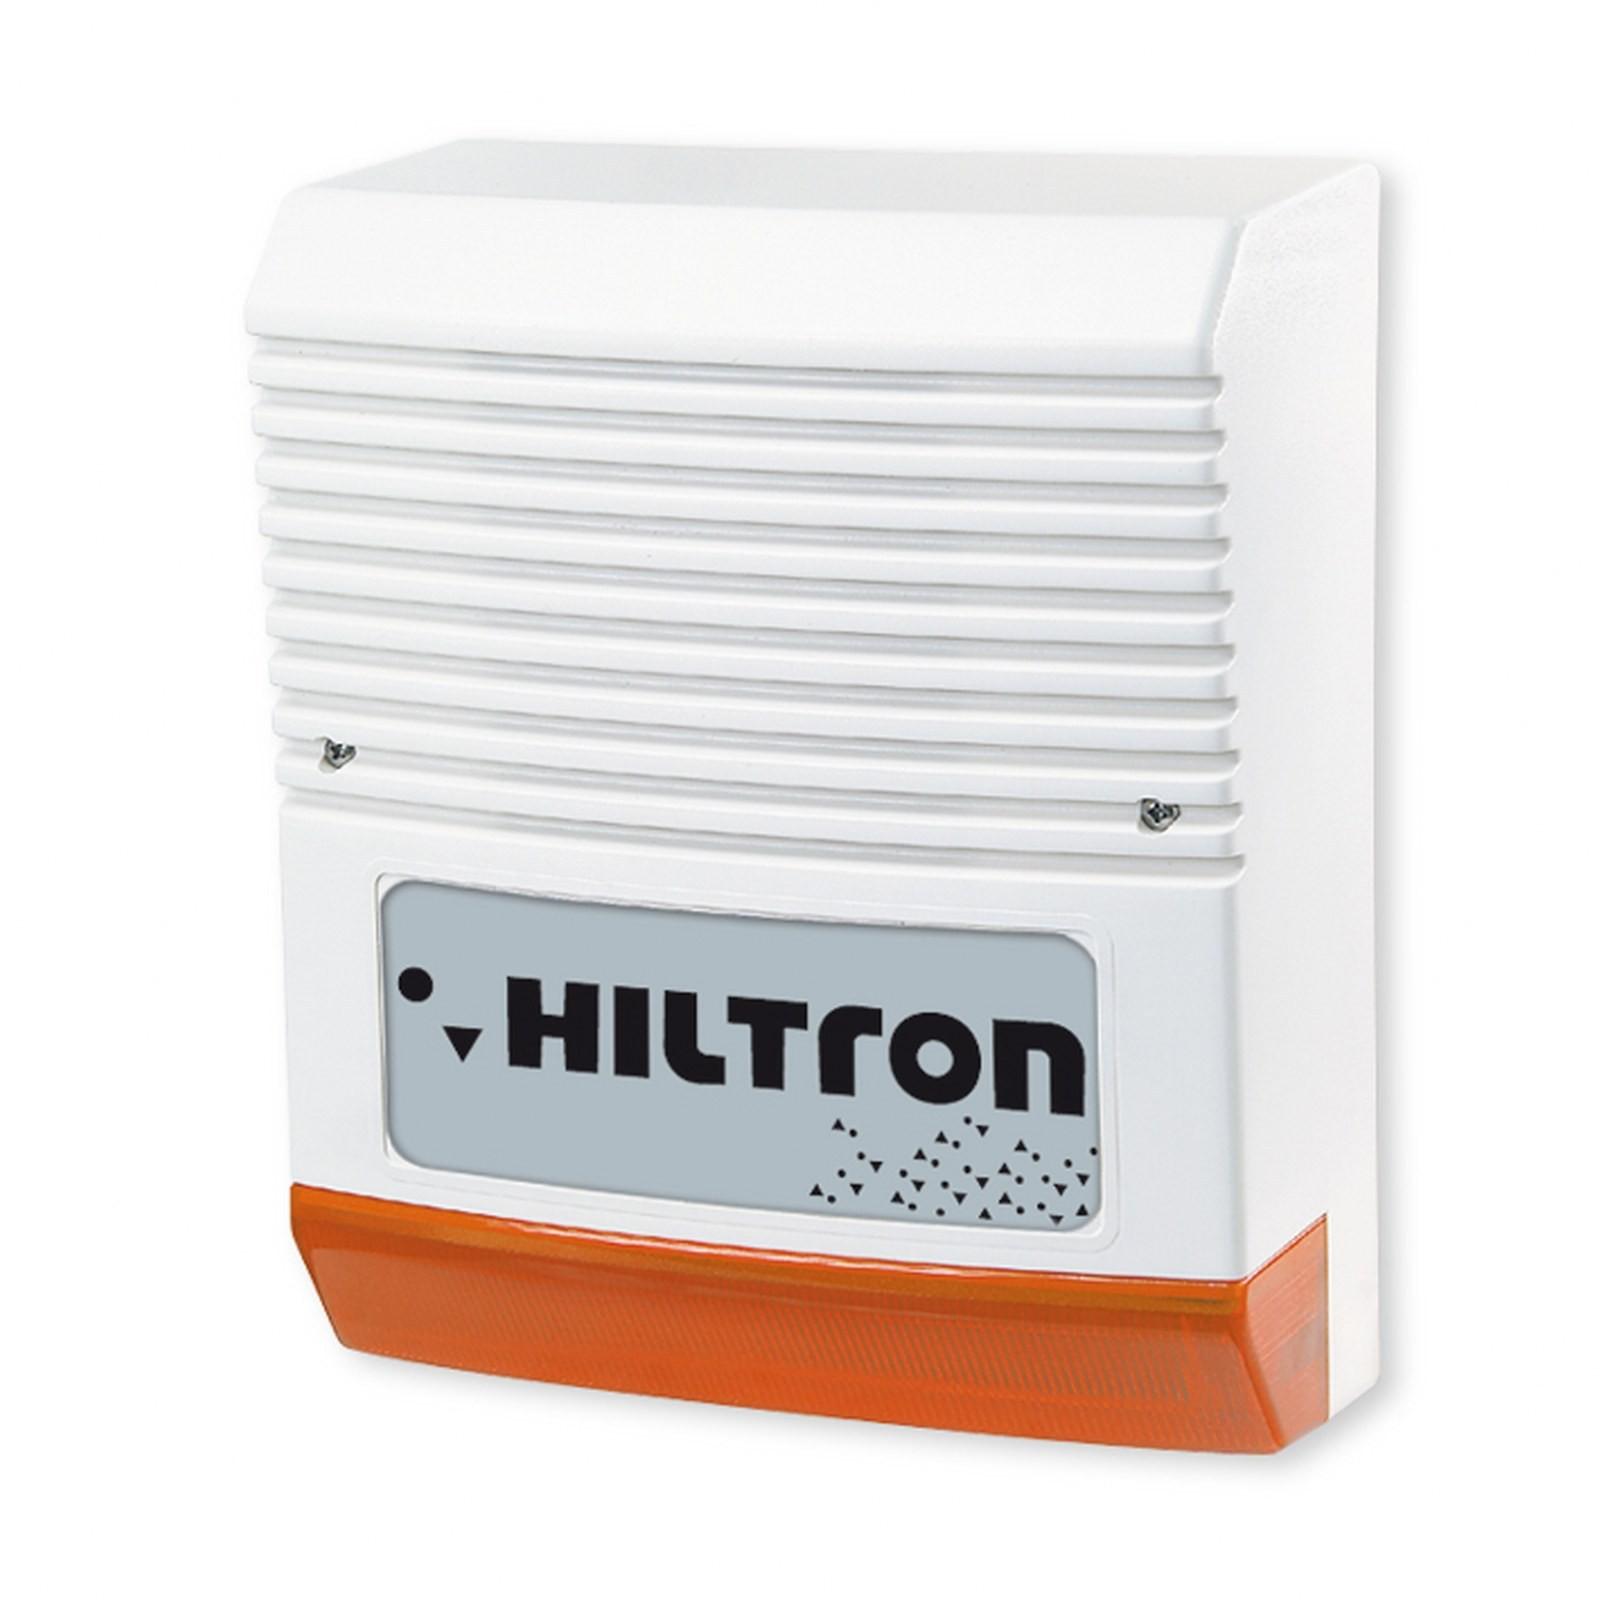 Antifurto allarme casa kit wireless senza fili hiltron - Allarmi per casa ...